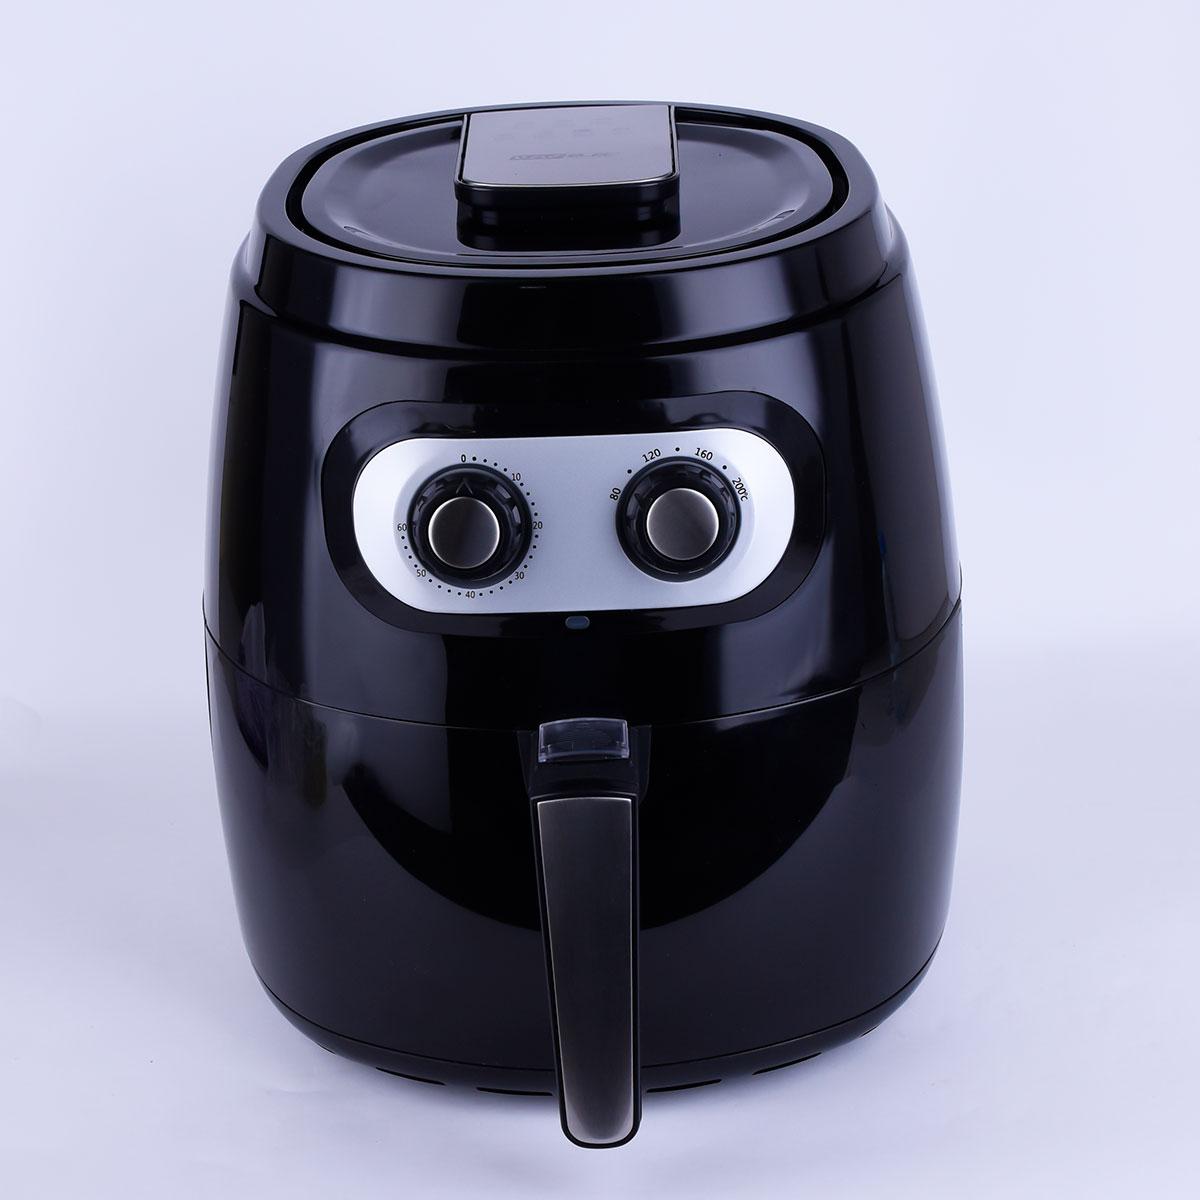 قلاية السيف الكهربائية الصحية بدون زيت ، 9لتر l/برو 1800واطAL7300